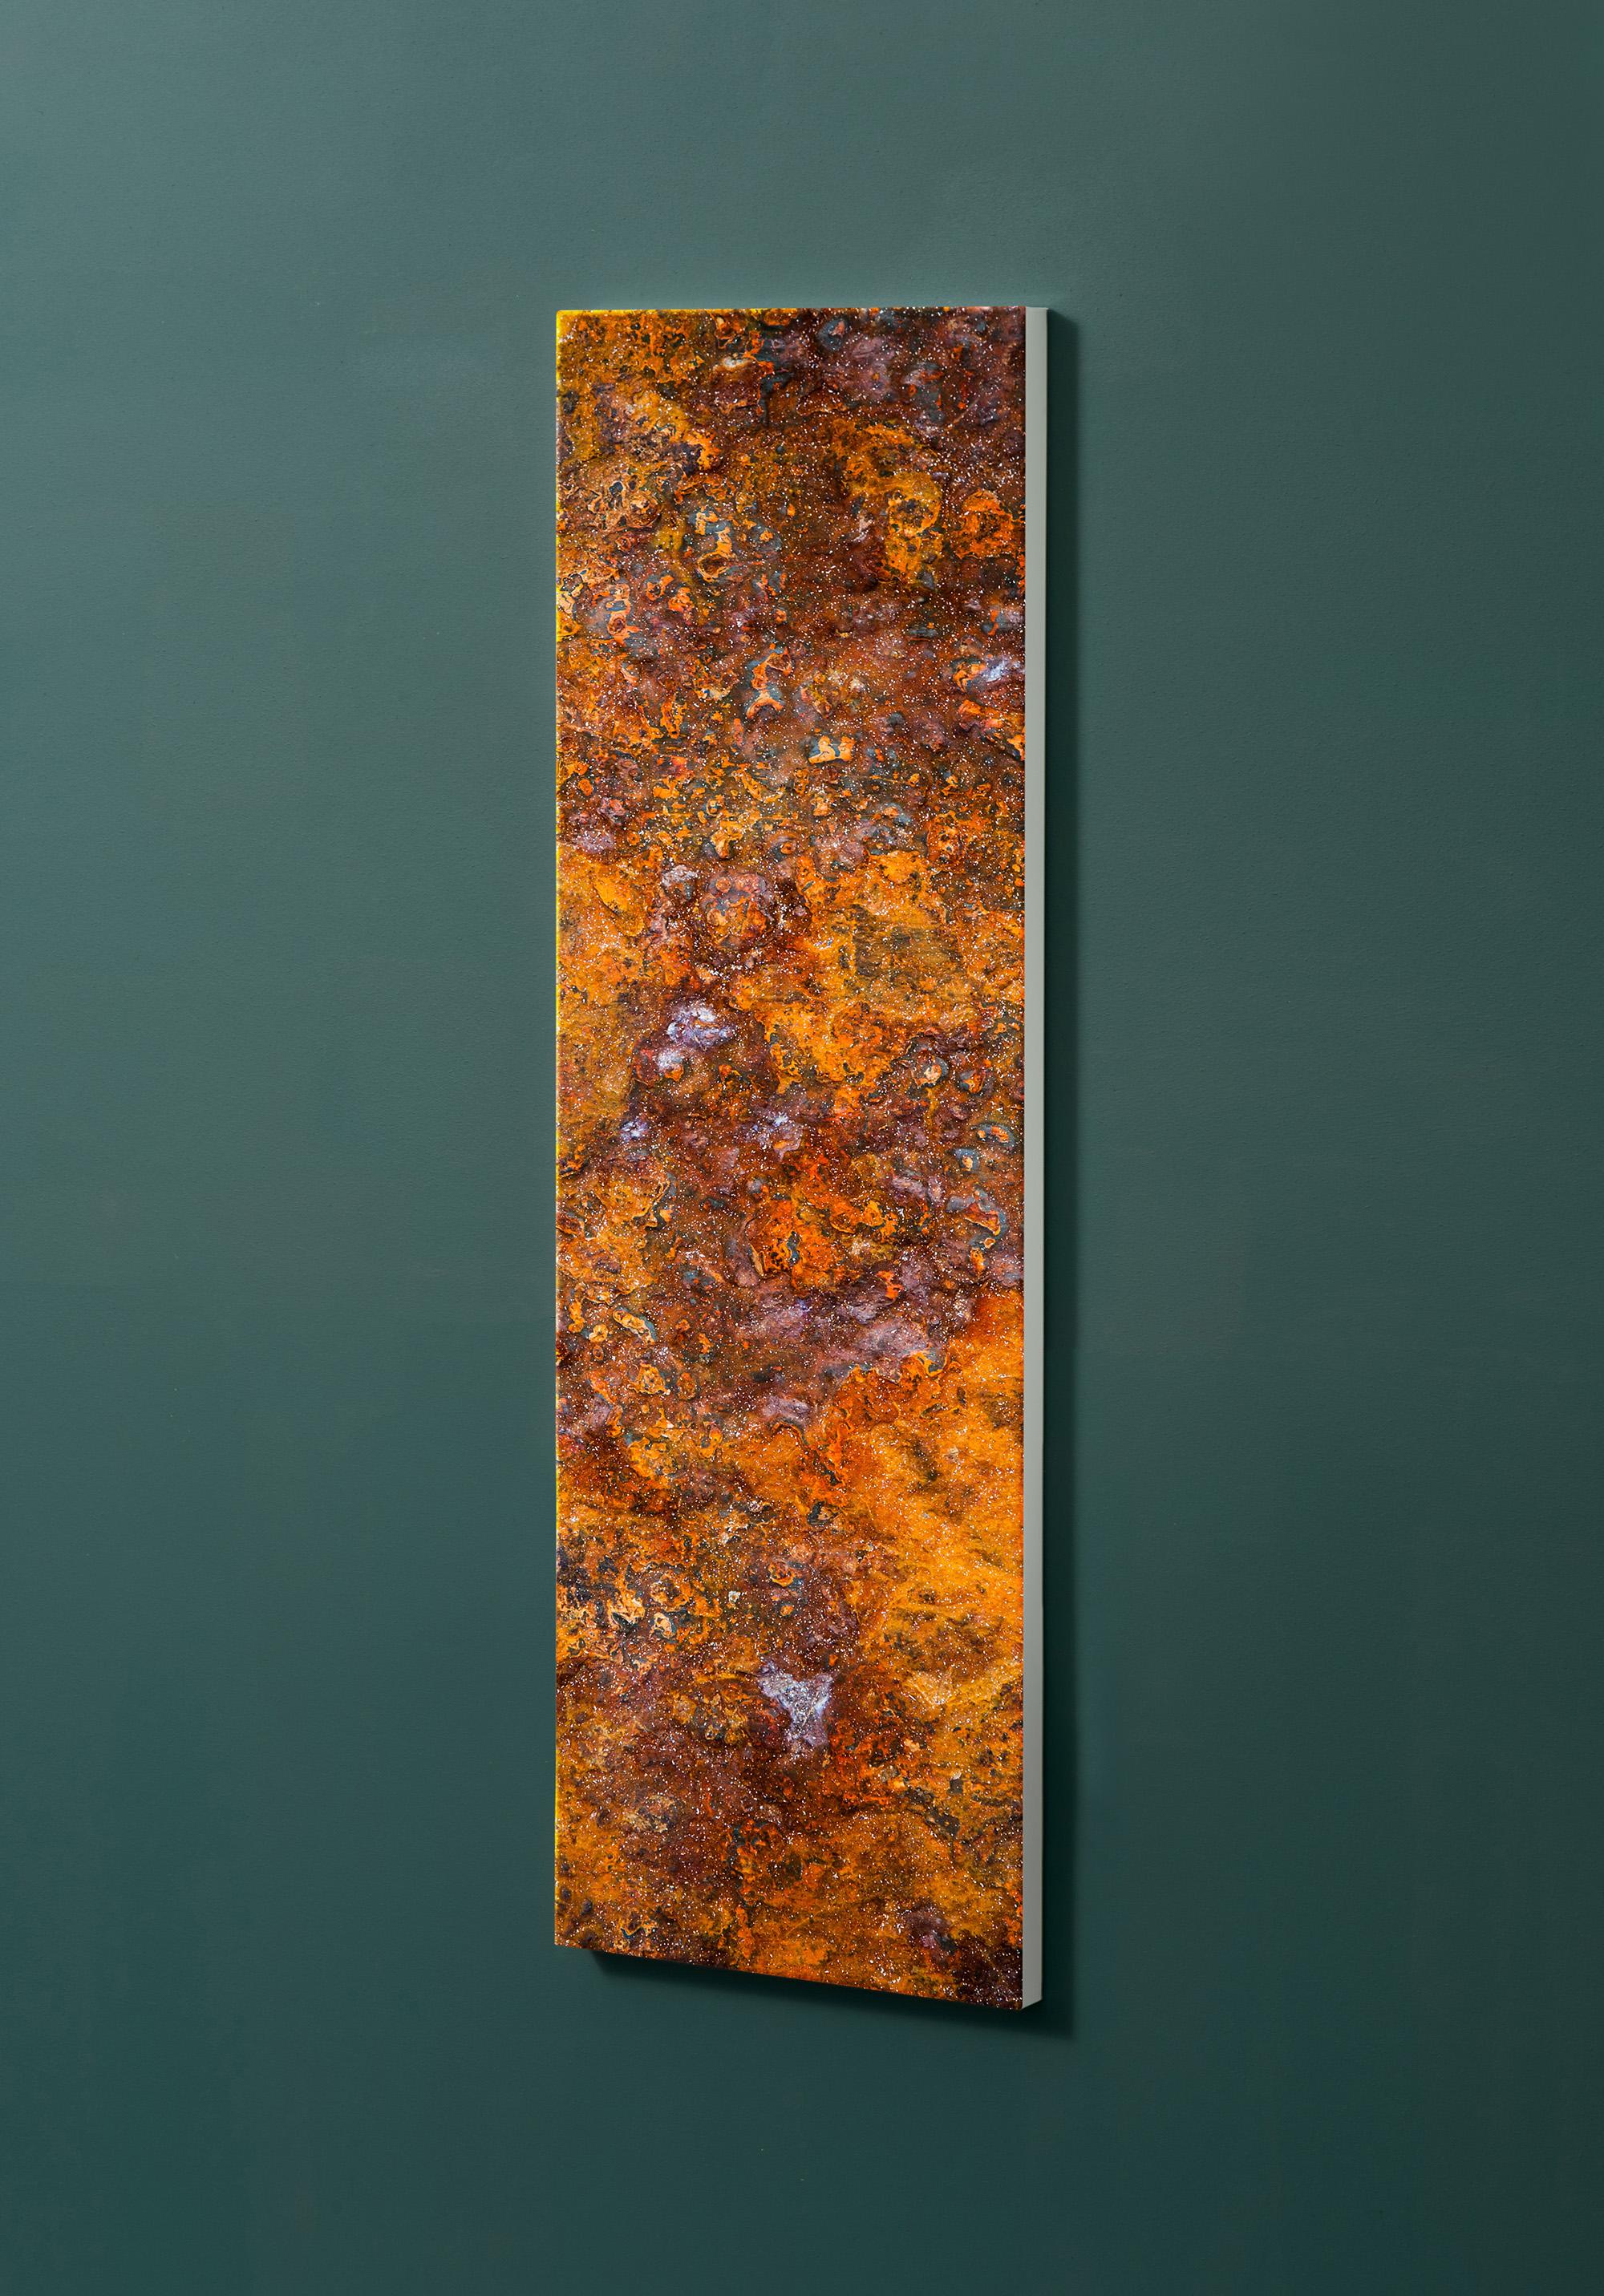 Magnettafel NOTIZ 30x90cm Motiv-Pinnwand M37 Rost